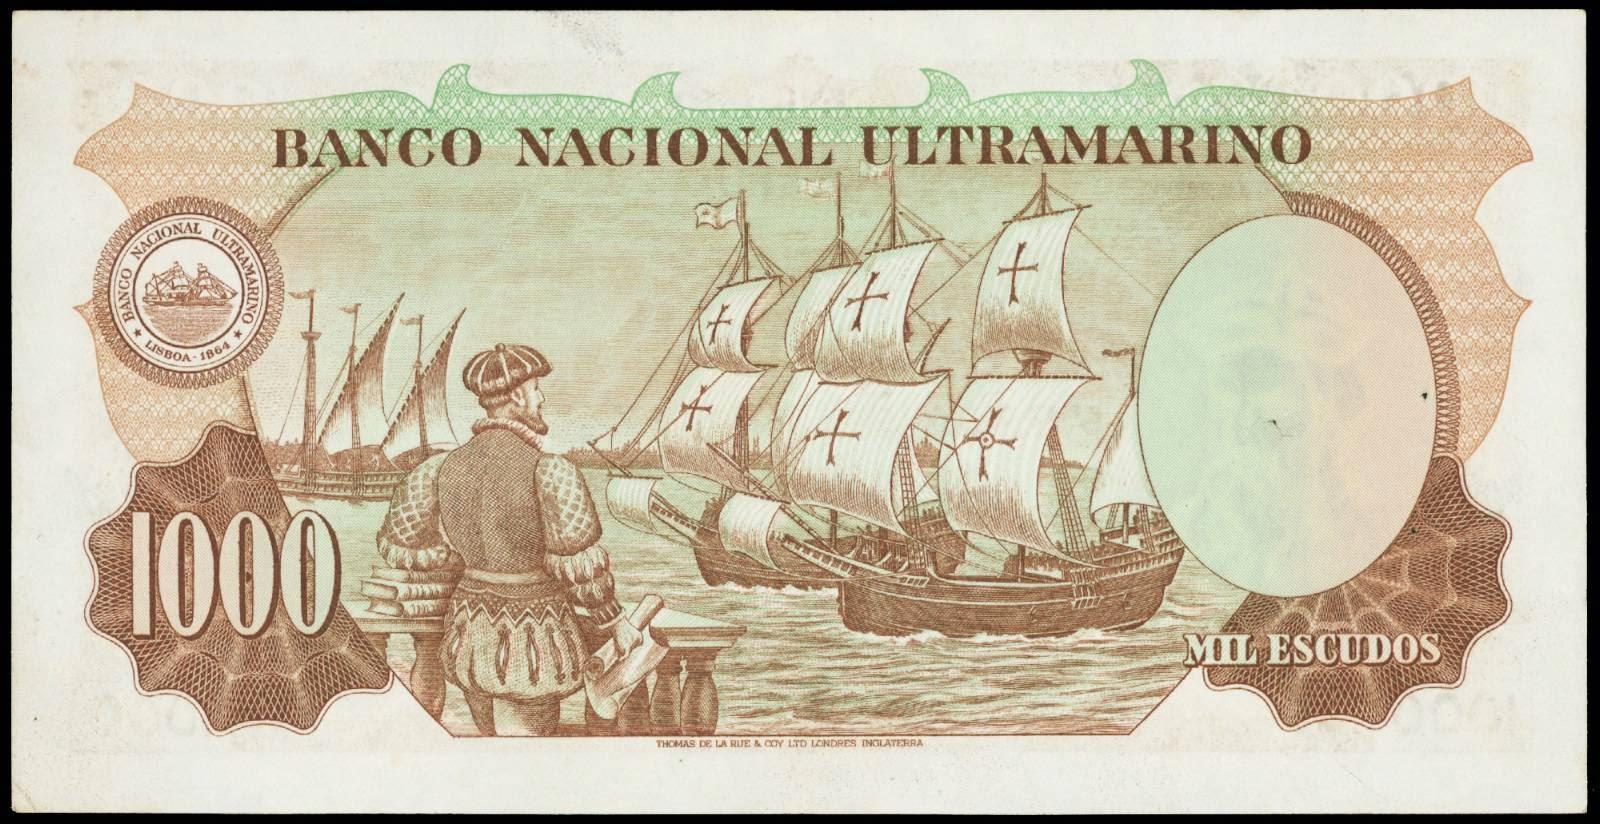 Portuguese India 1000 escudos note 1959 Banco Nacional Ultramarino